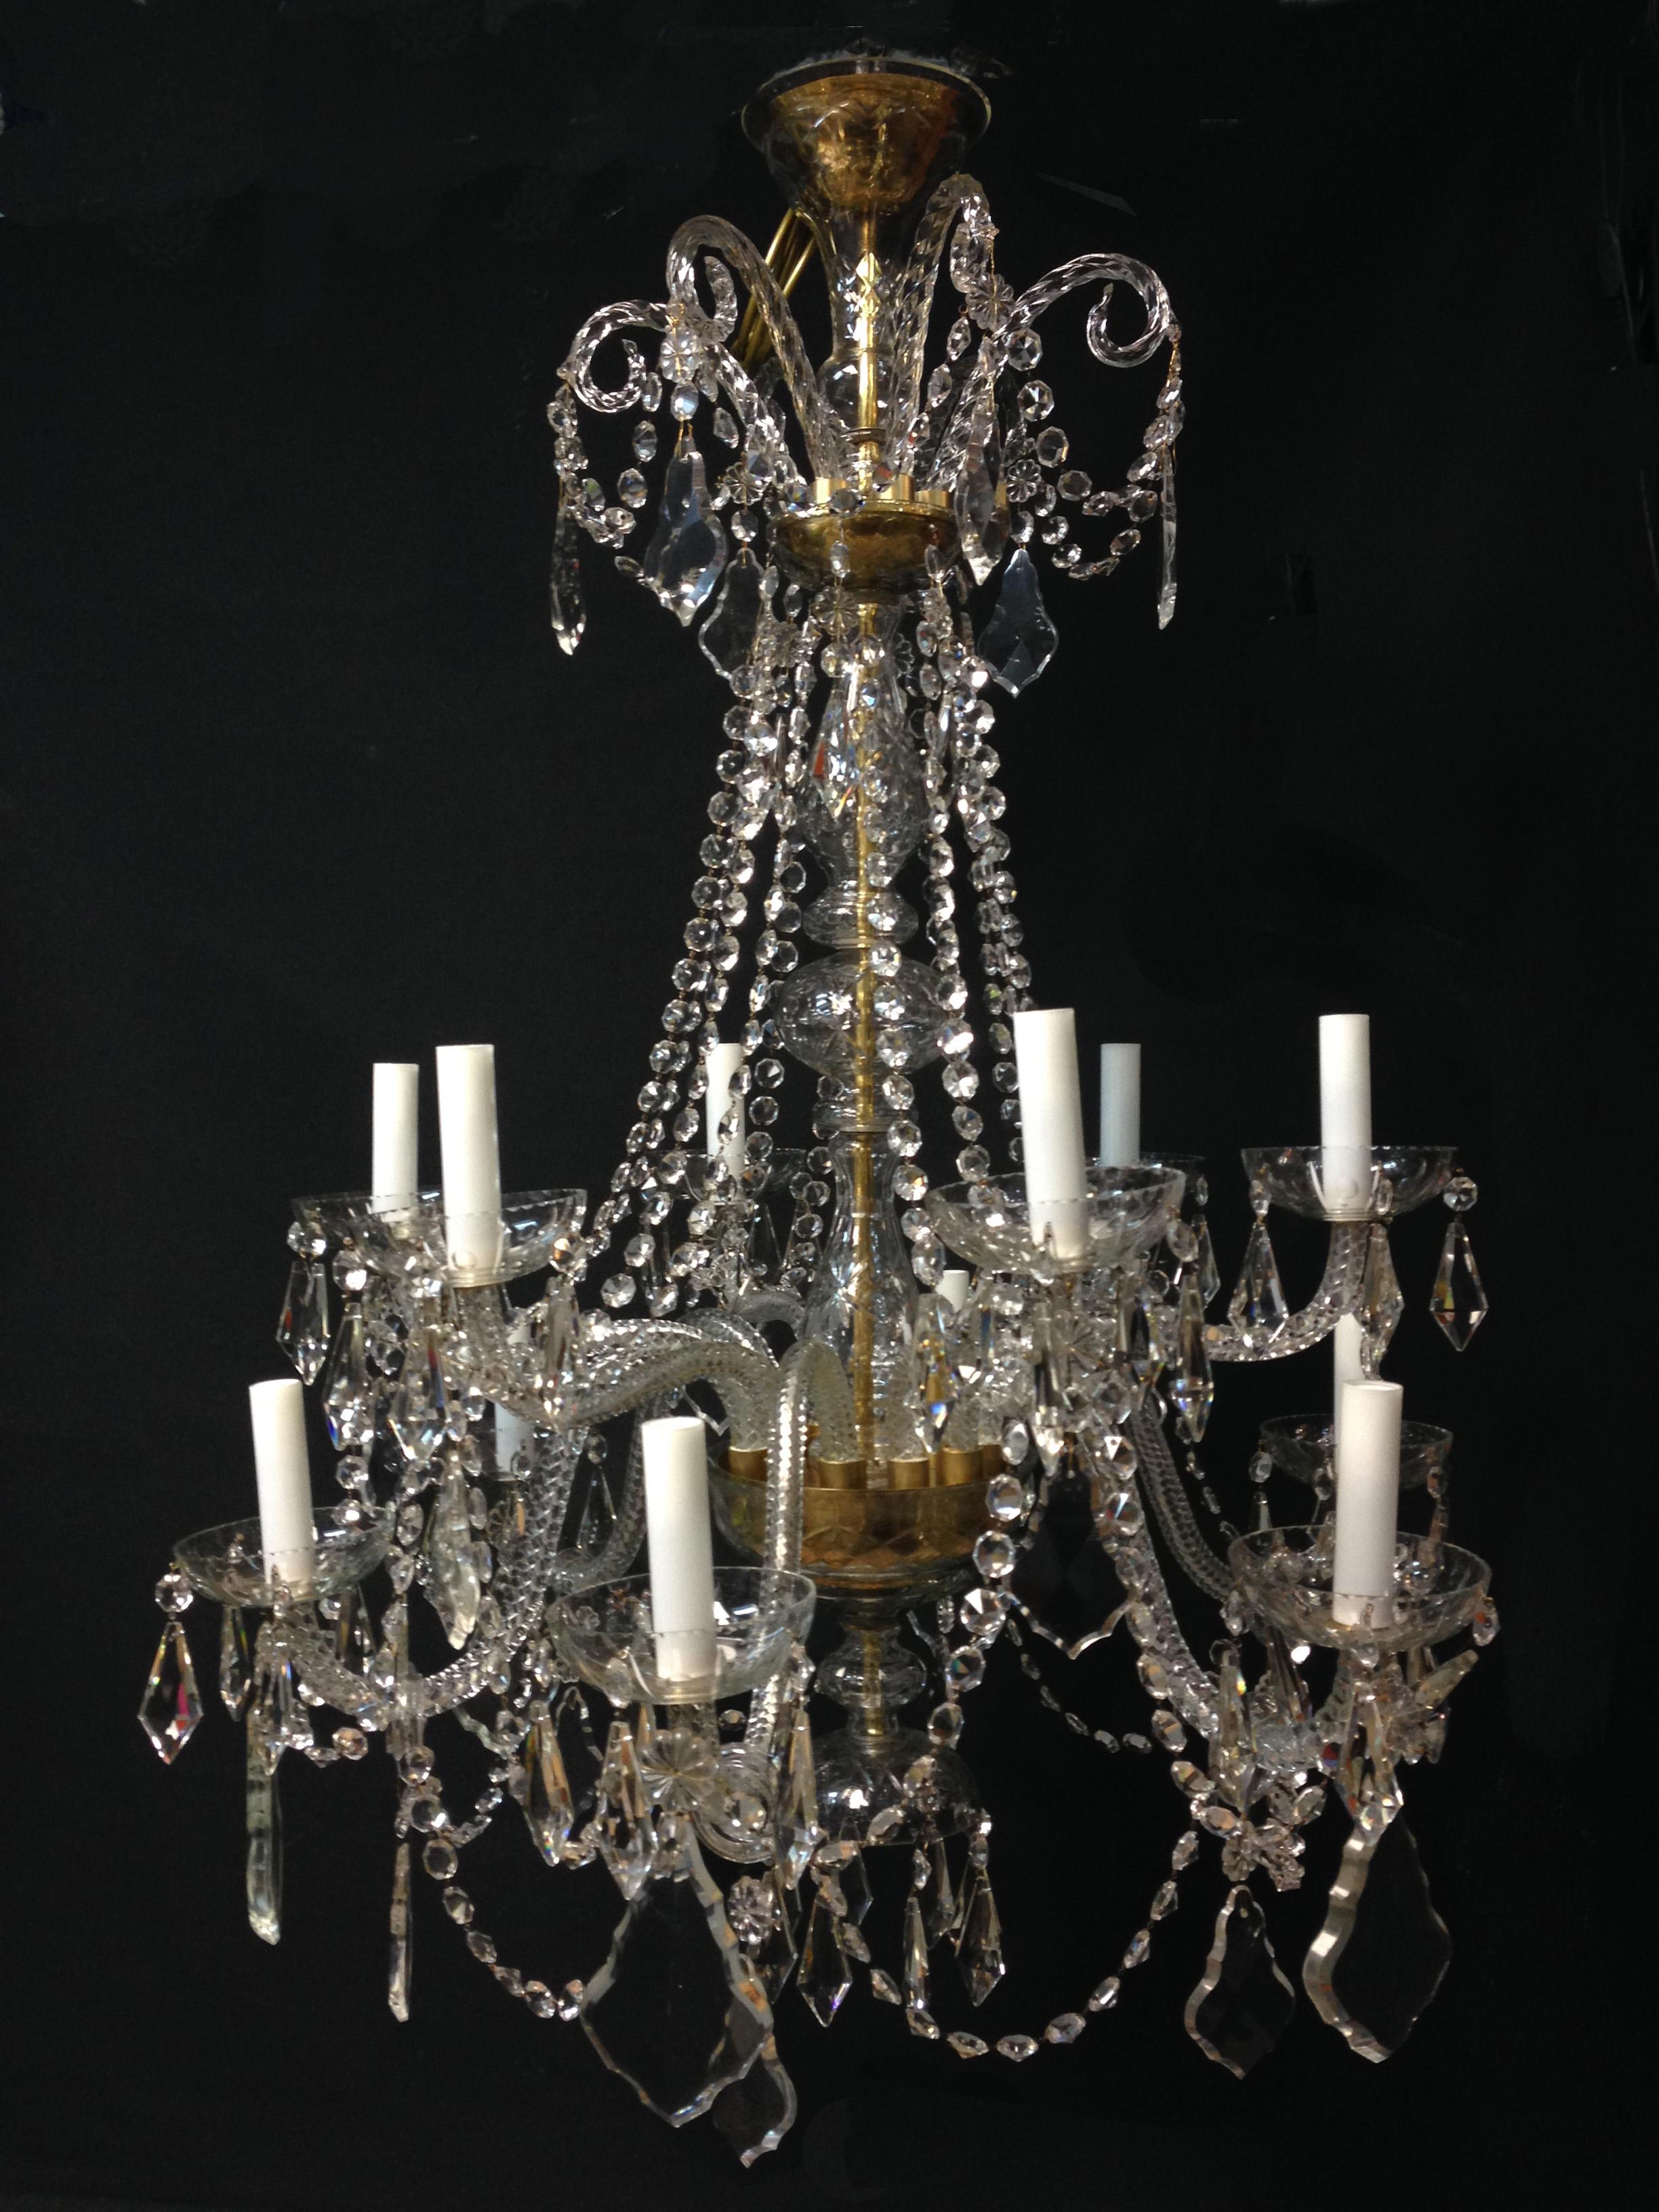 Fabricacion y venta de lamparas restauracion de lamparas de bronce cristal - Lamparas de cristal antiguas ...